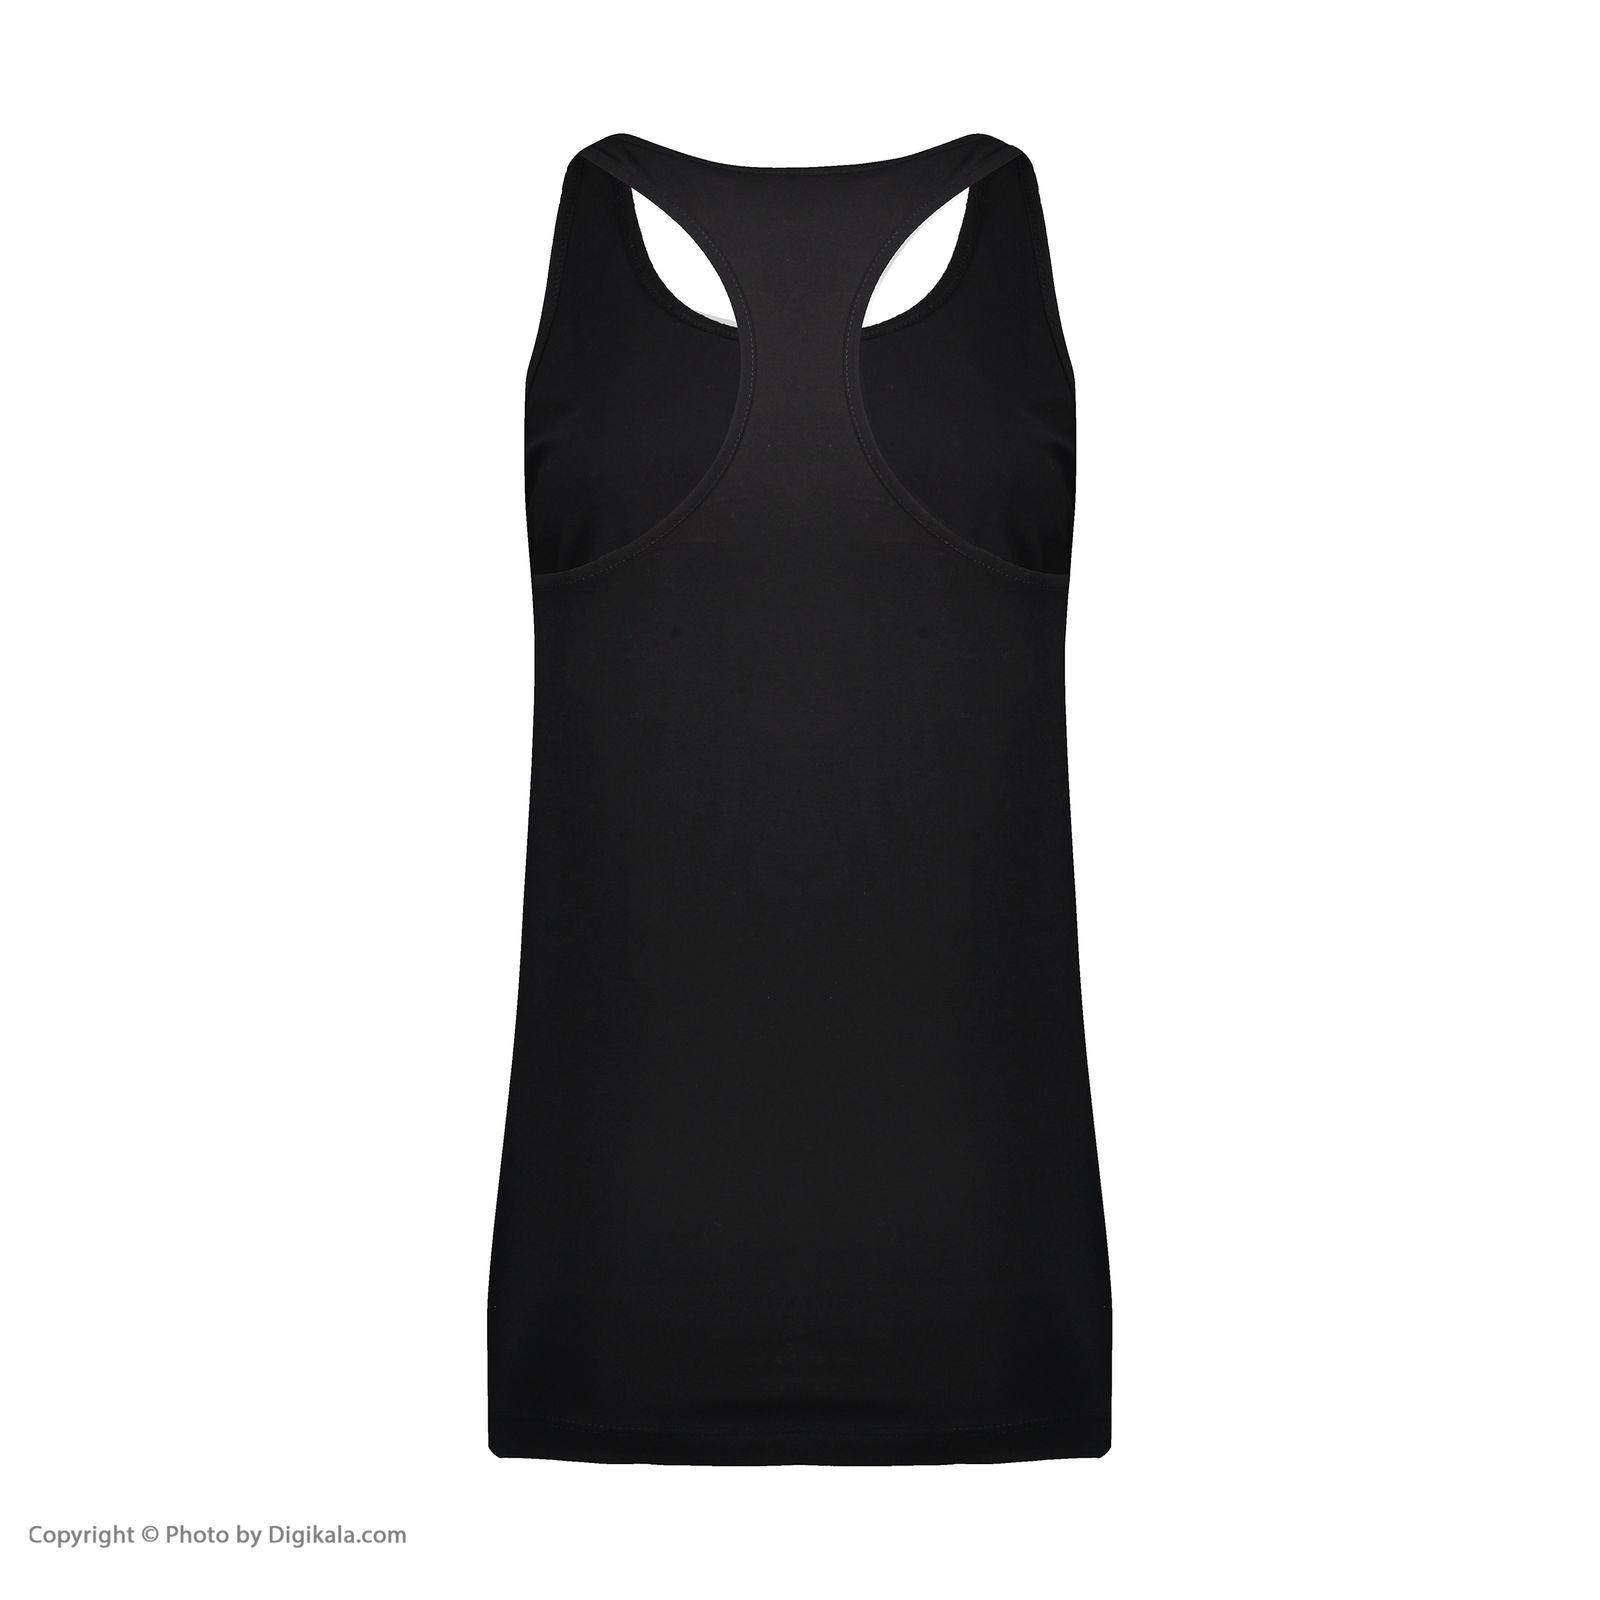 تاپ ورزشی زنانه یونی پرو مدل 814259305-95 -  - 4